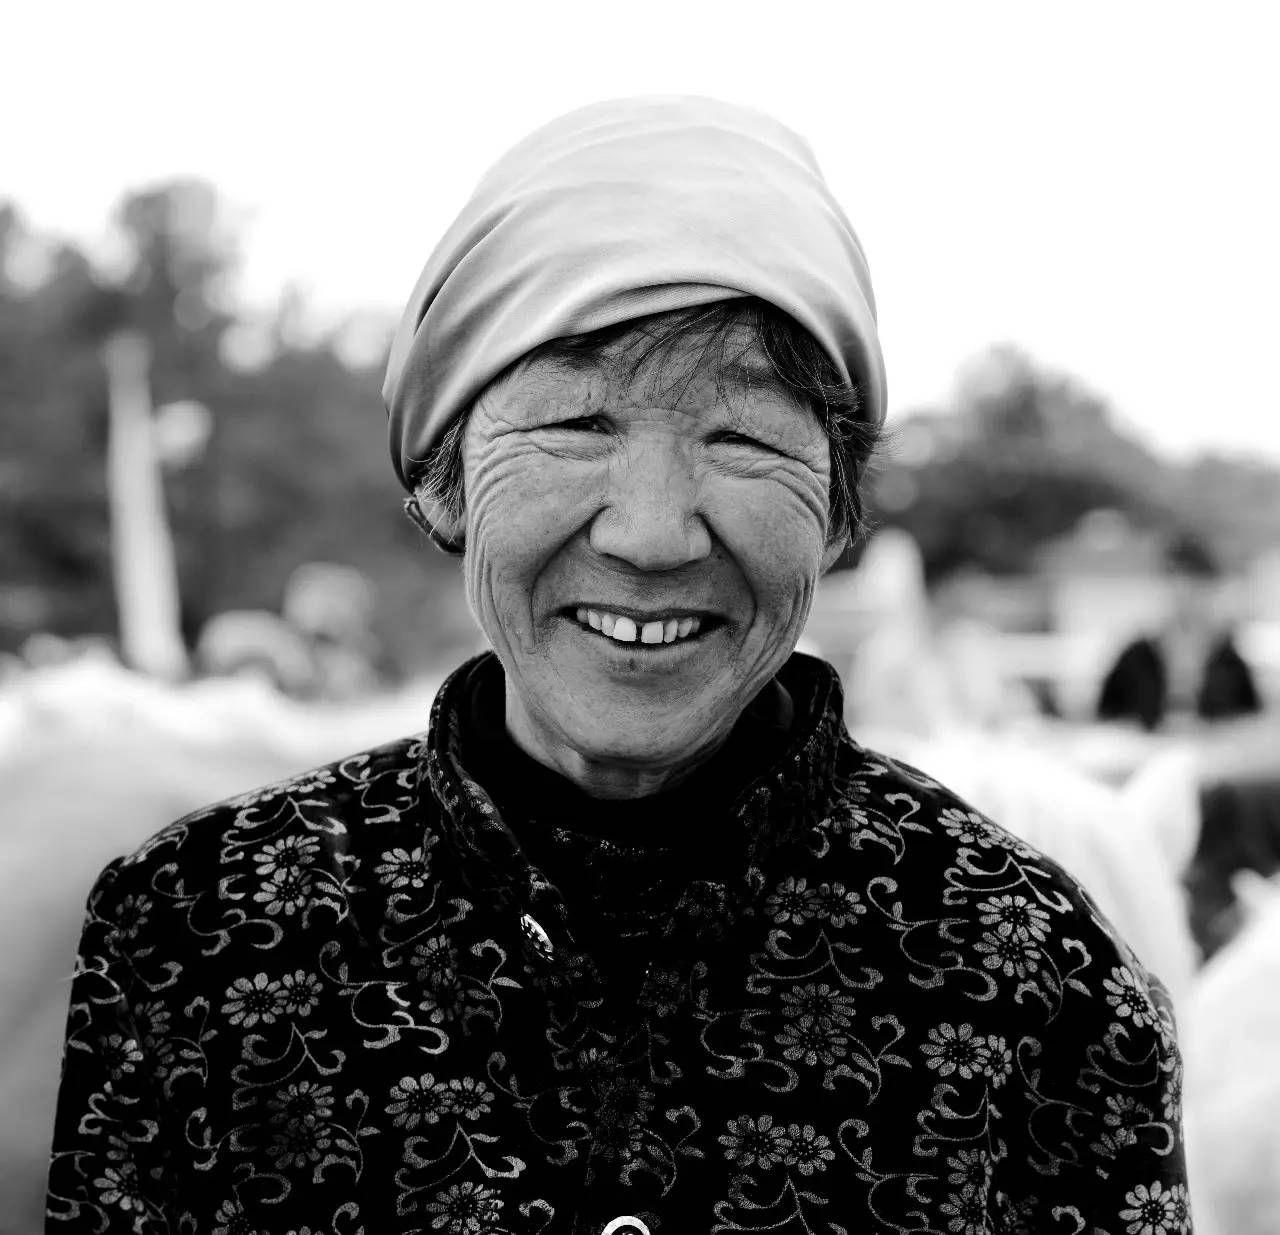 【ANU美图】摄影师吉雅:传统蒙古族牧民黑白纪实作品欣赏 第13张 【ANU美图】摄影师吉雅:传统蒙古族牧民黑白纪实作品欣赏 蒙古文化